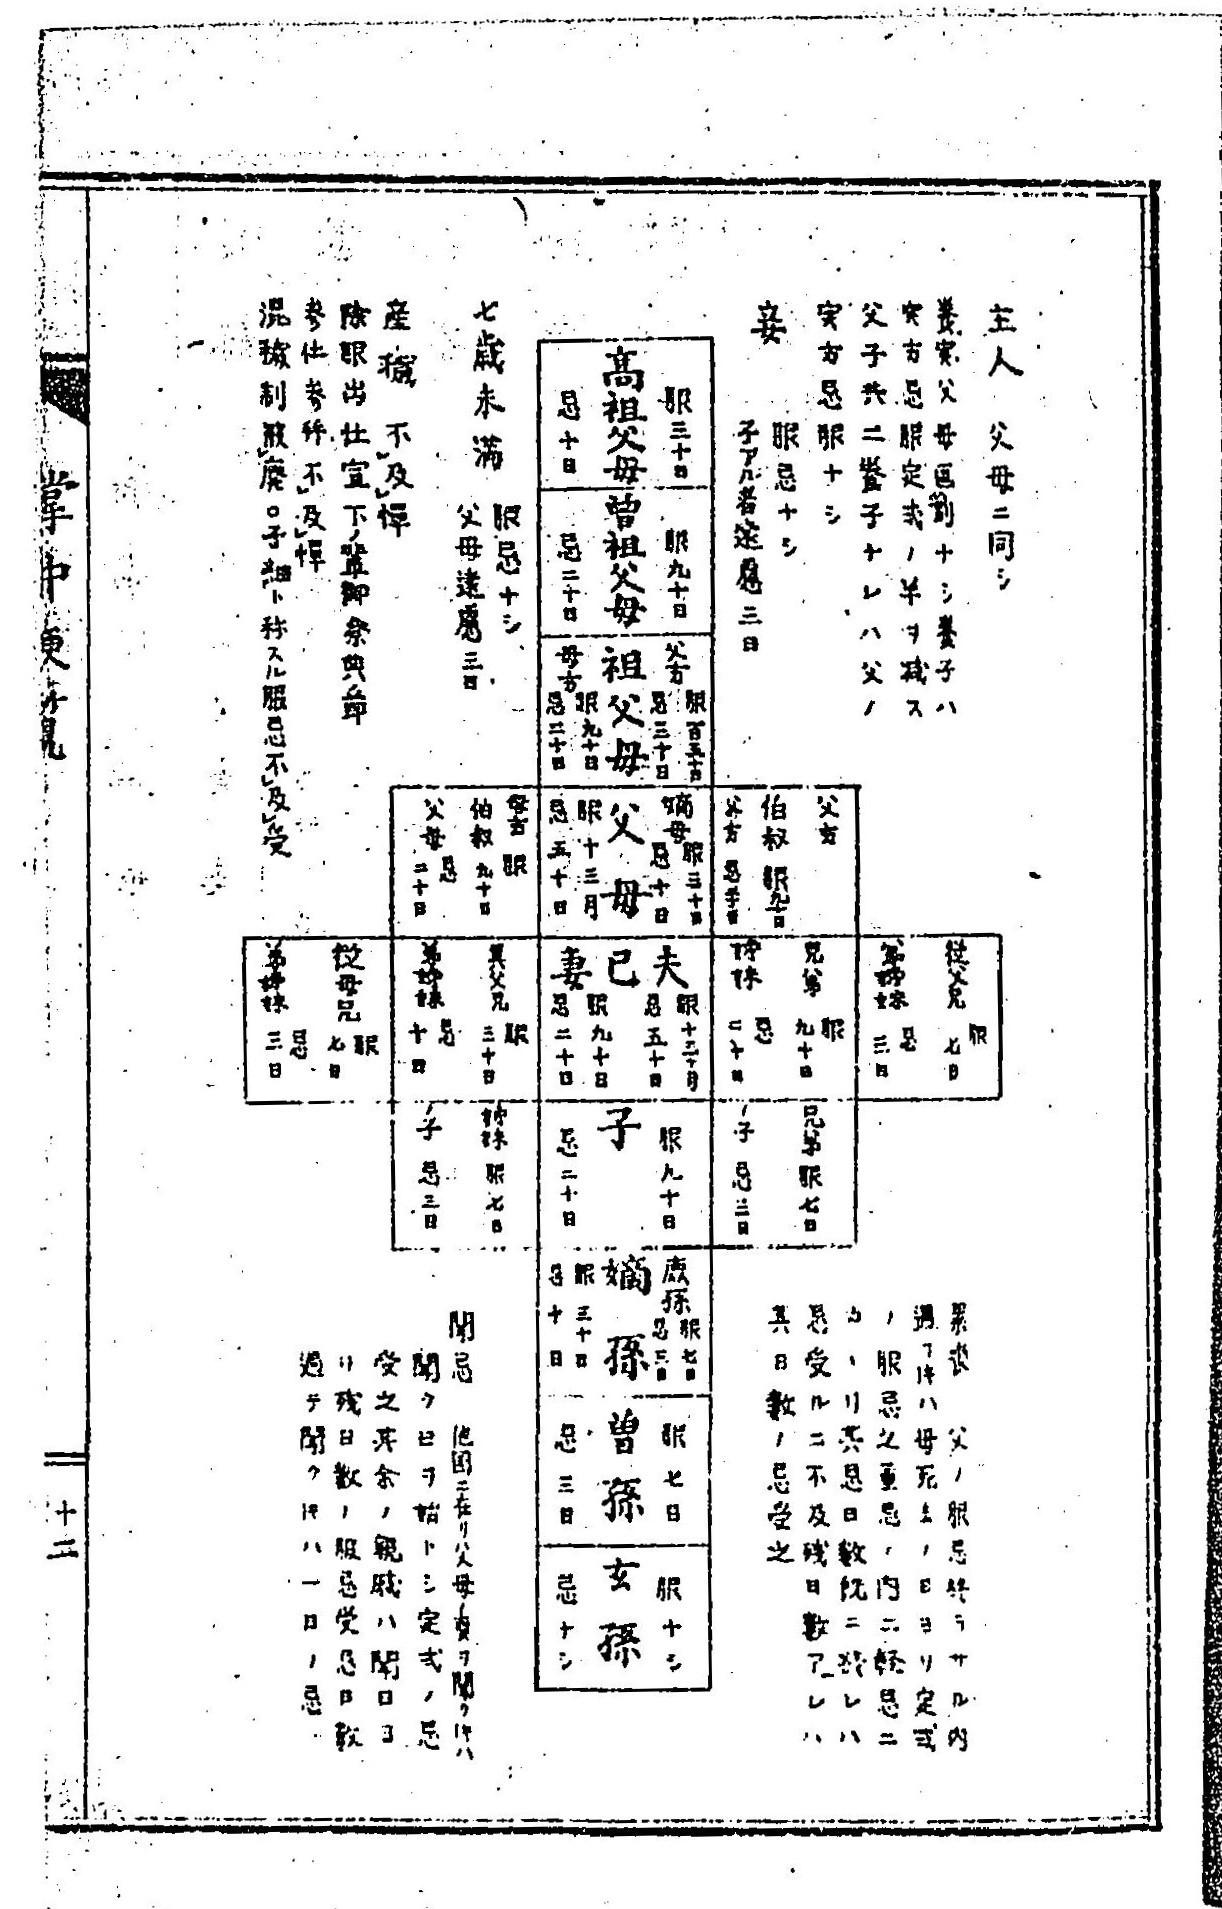 服忌令について(その2) - いなけん(山梨大稲田研究室)